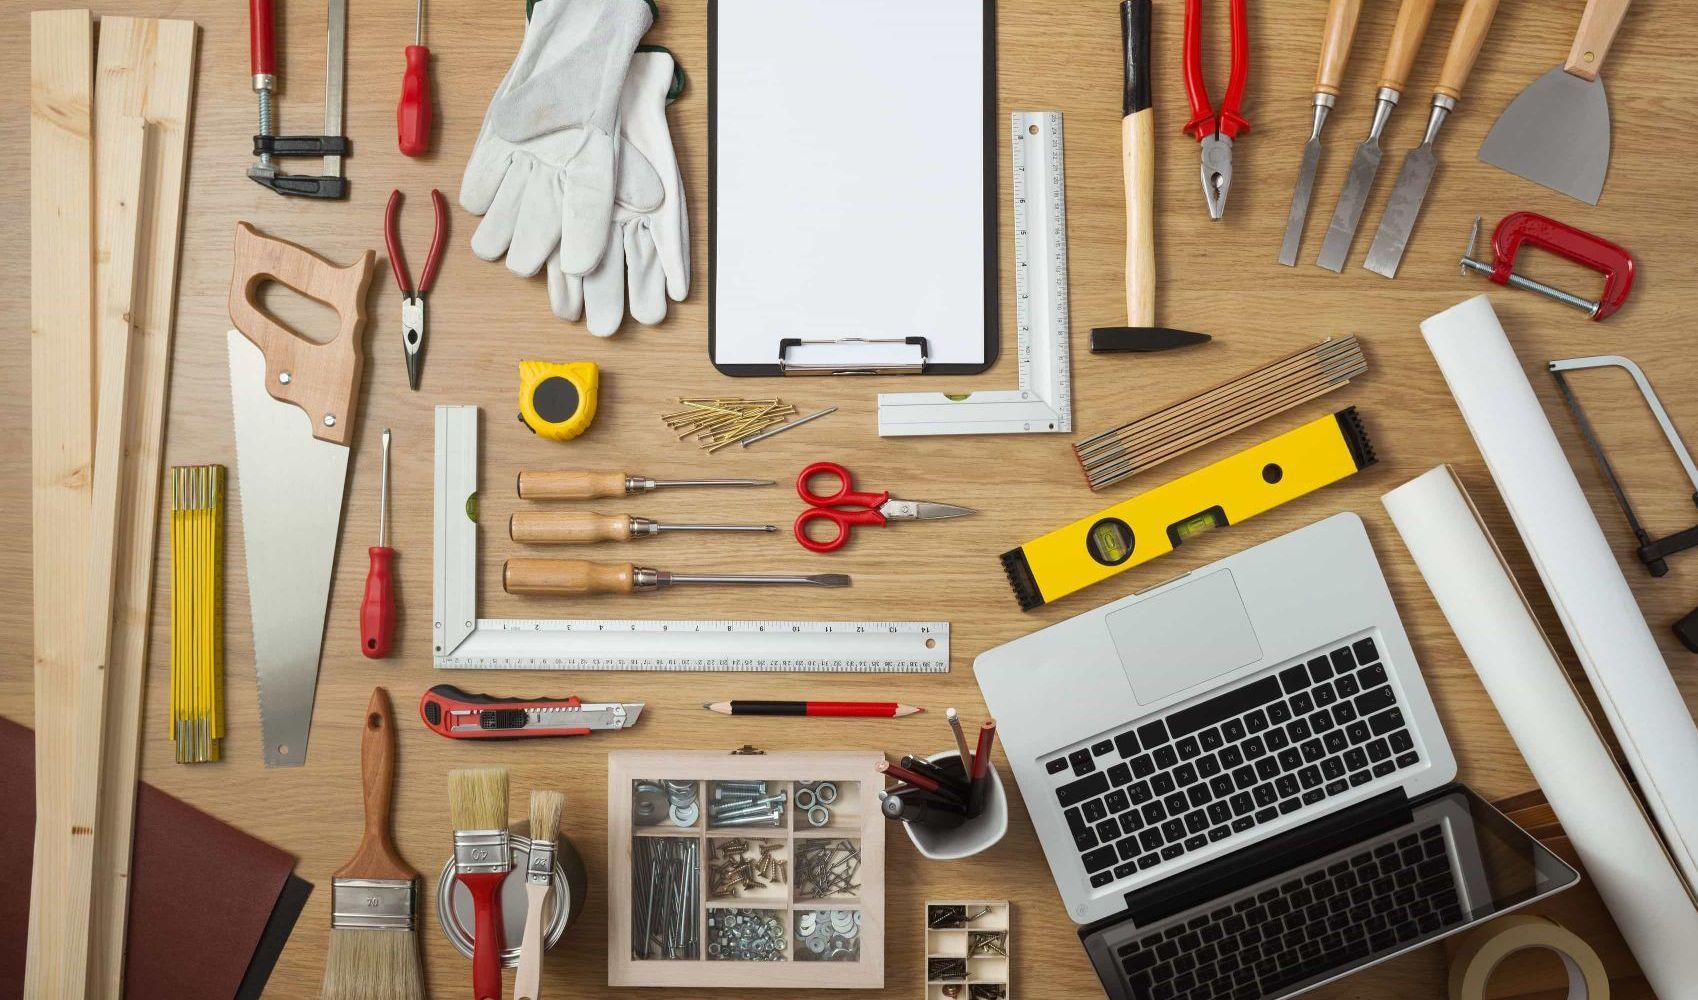 DIY project tools